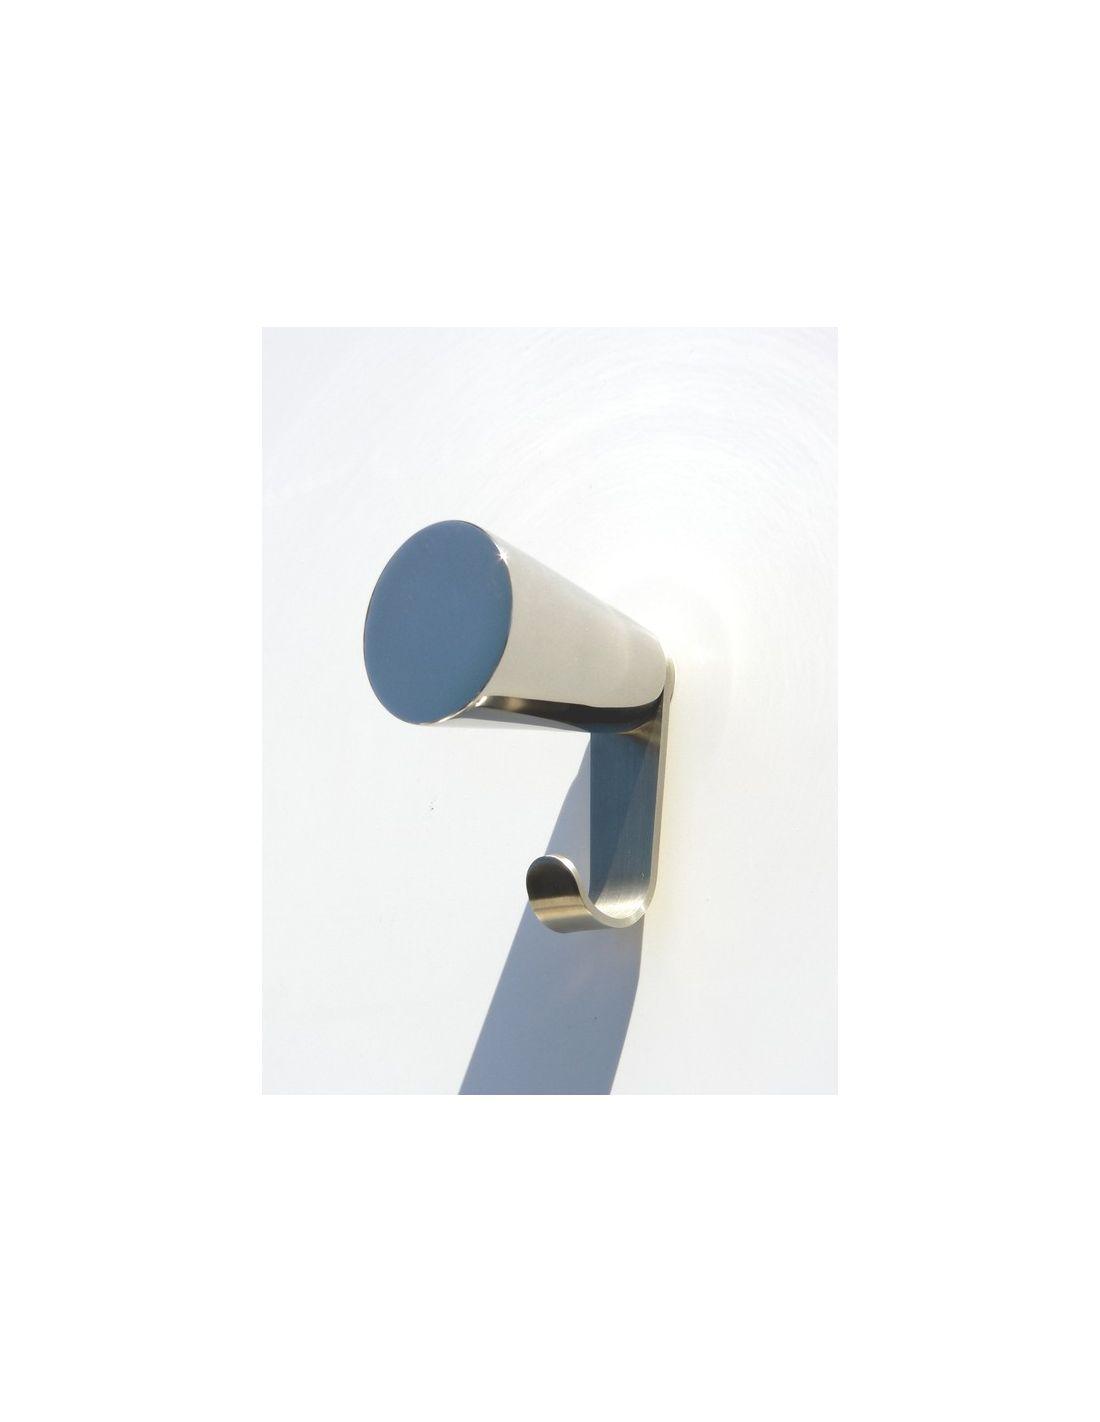 Attaccapanni a muro con gancio in acciaio cone - Attaccapanni a muro design ...